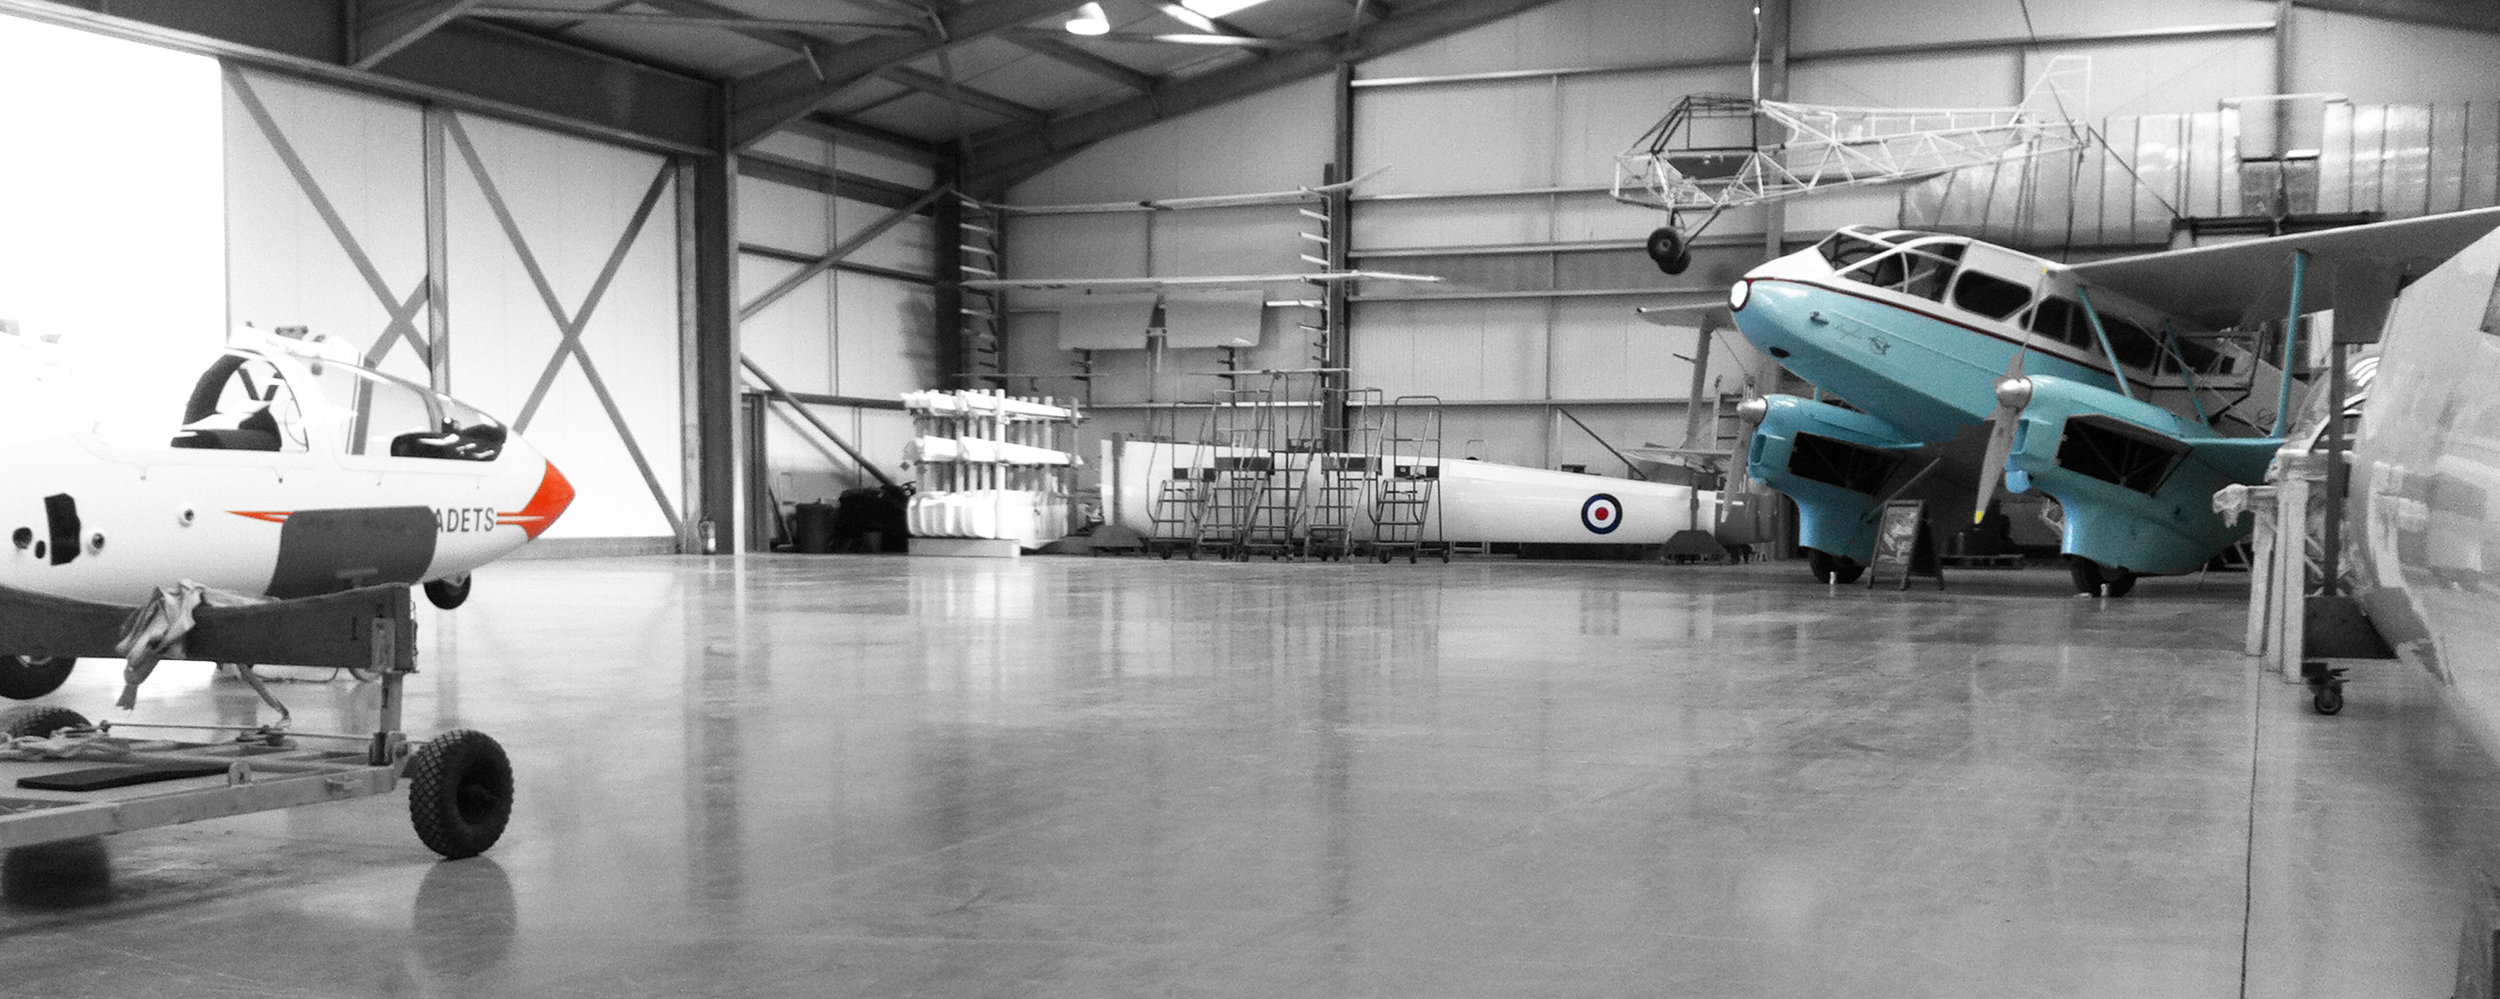 Banner-clear-hangar.jpg